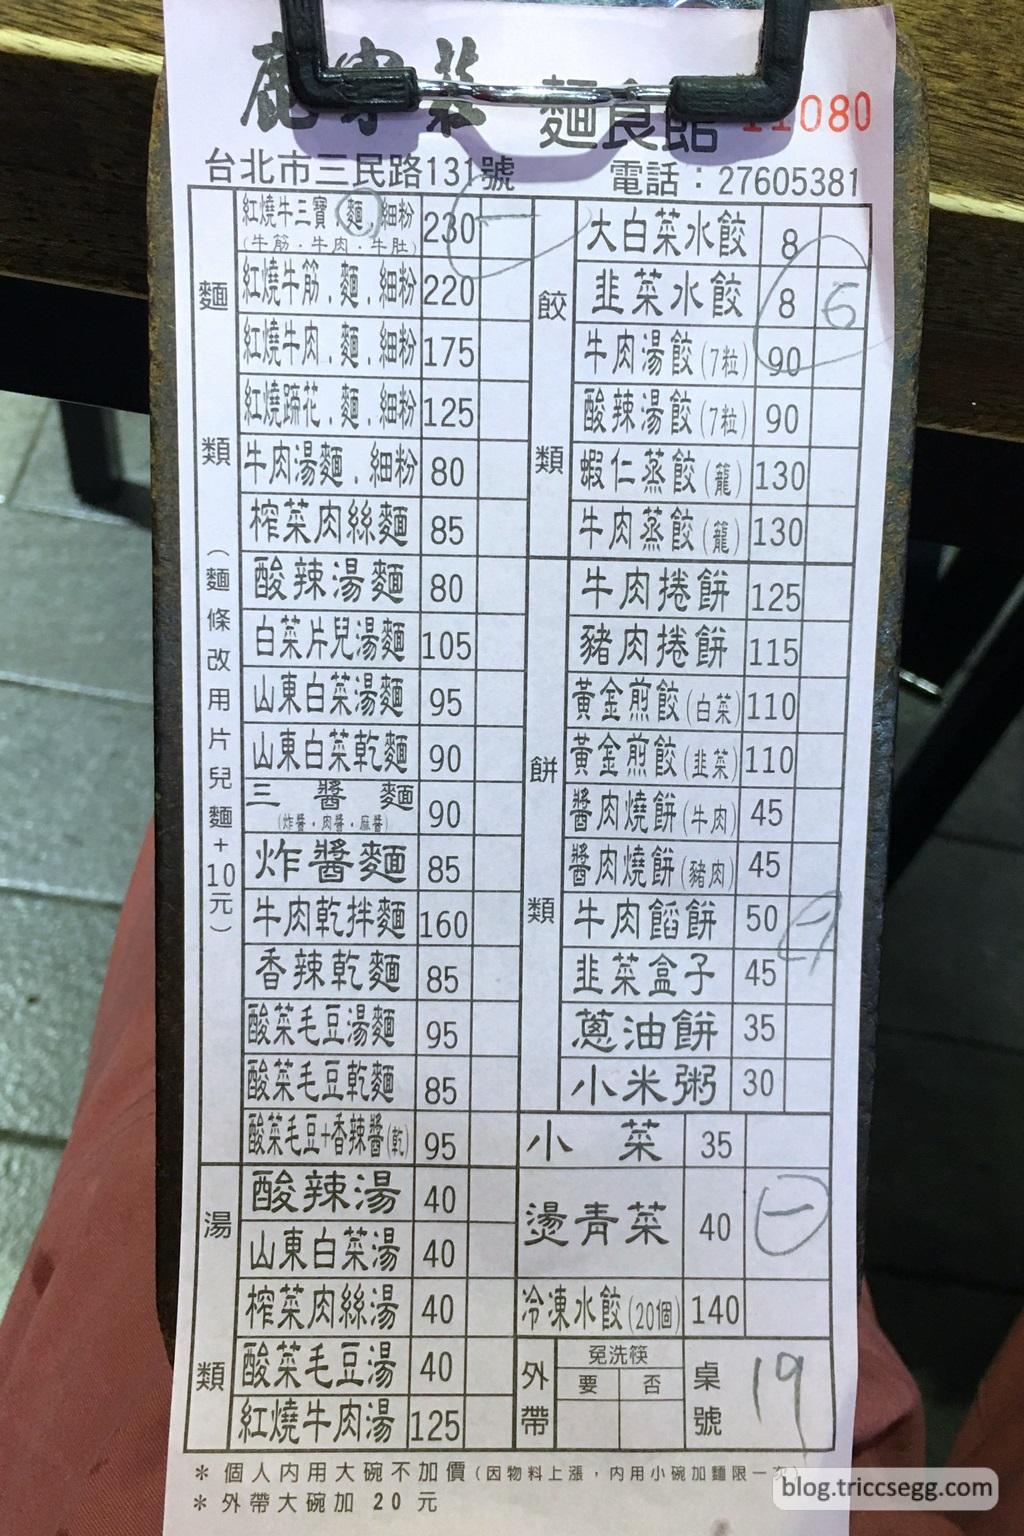 鹿家莊菜單.jpg